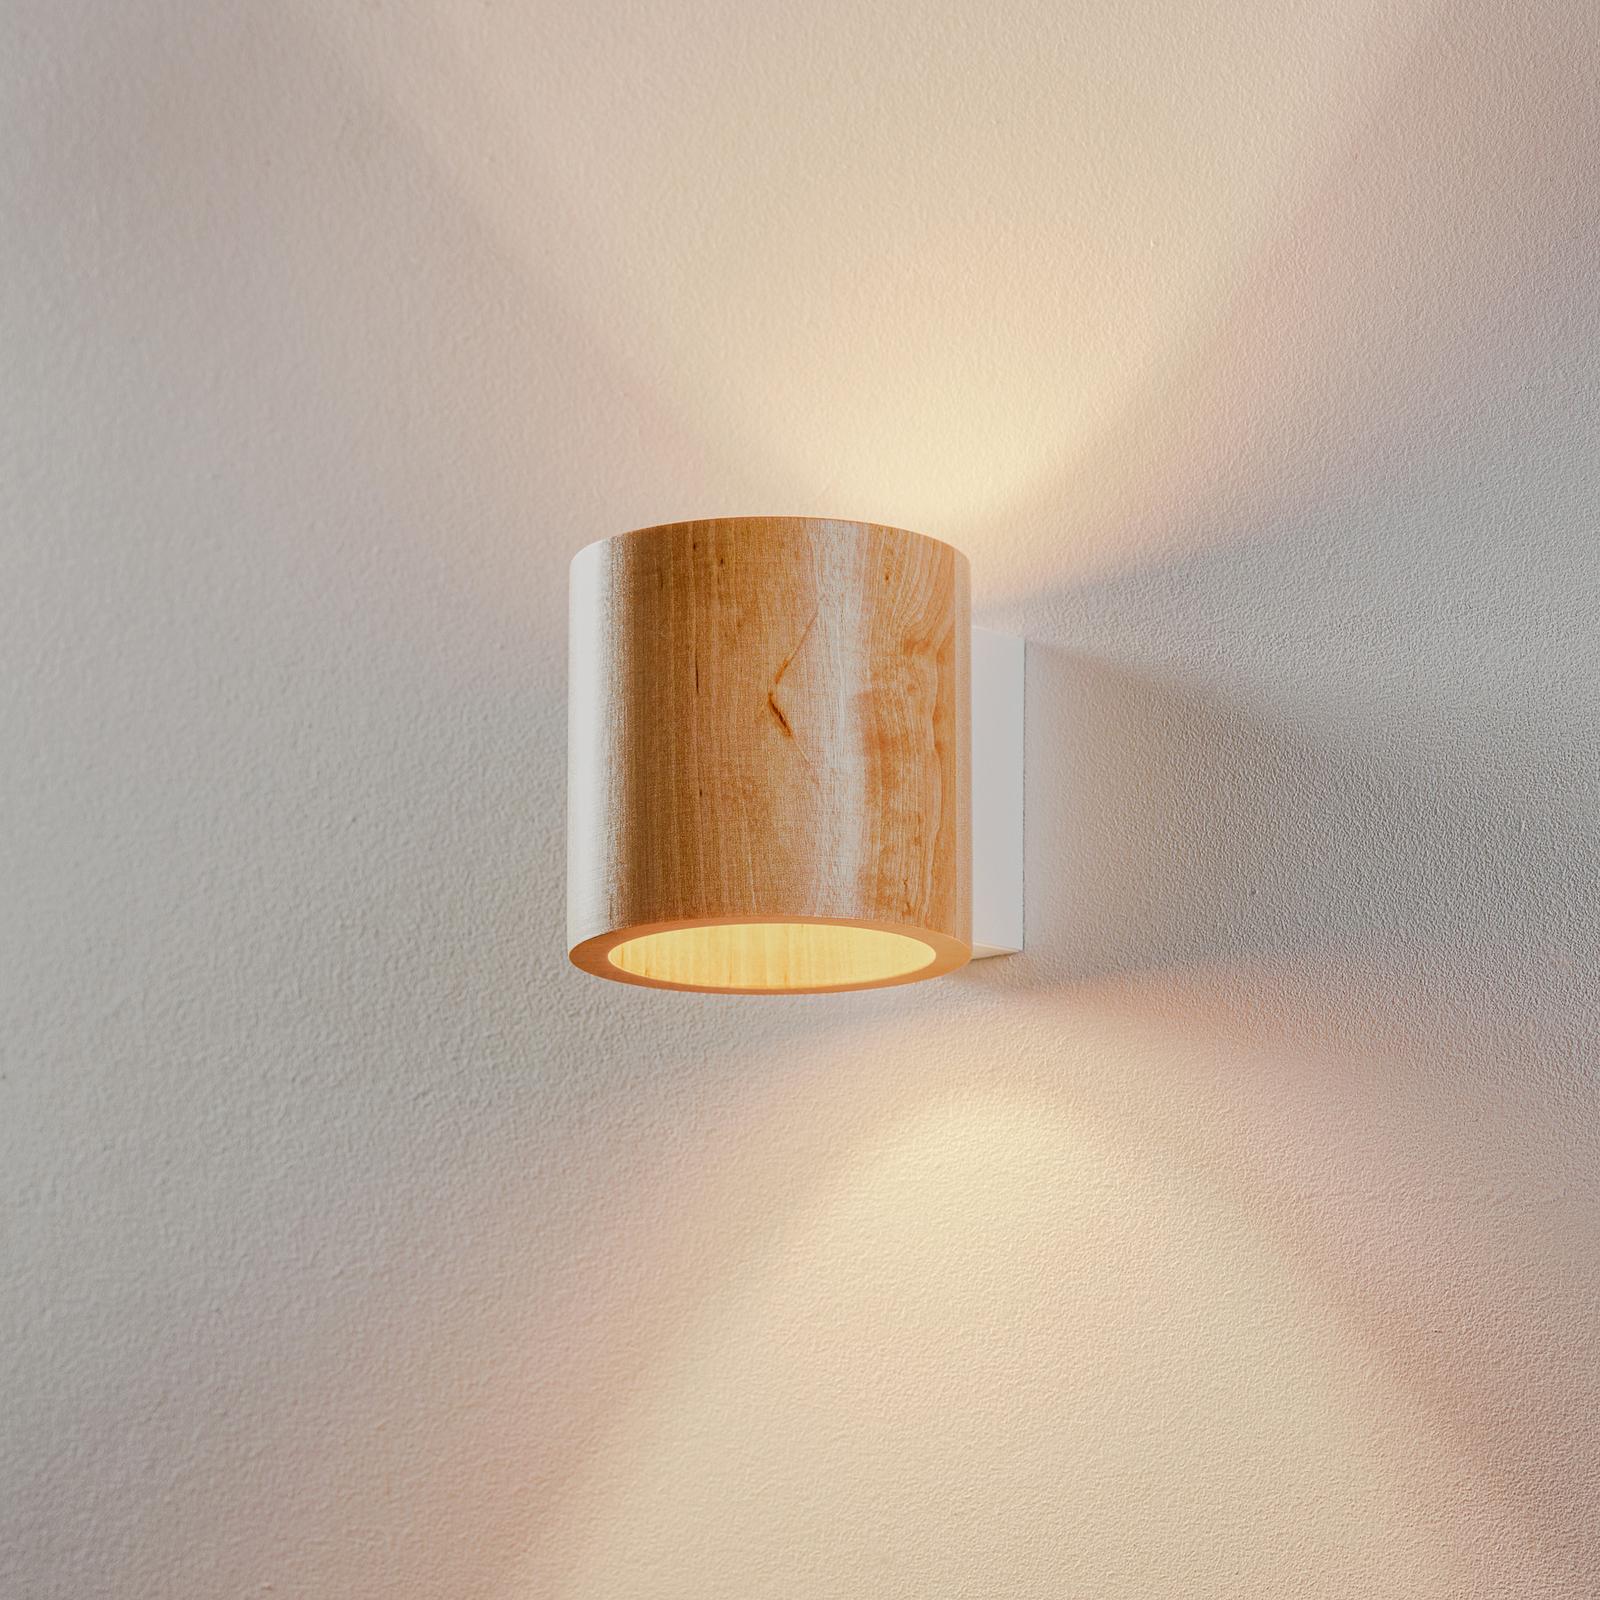 Wandleuchte Ara als Zylinder aus Holz